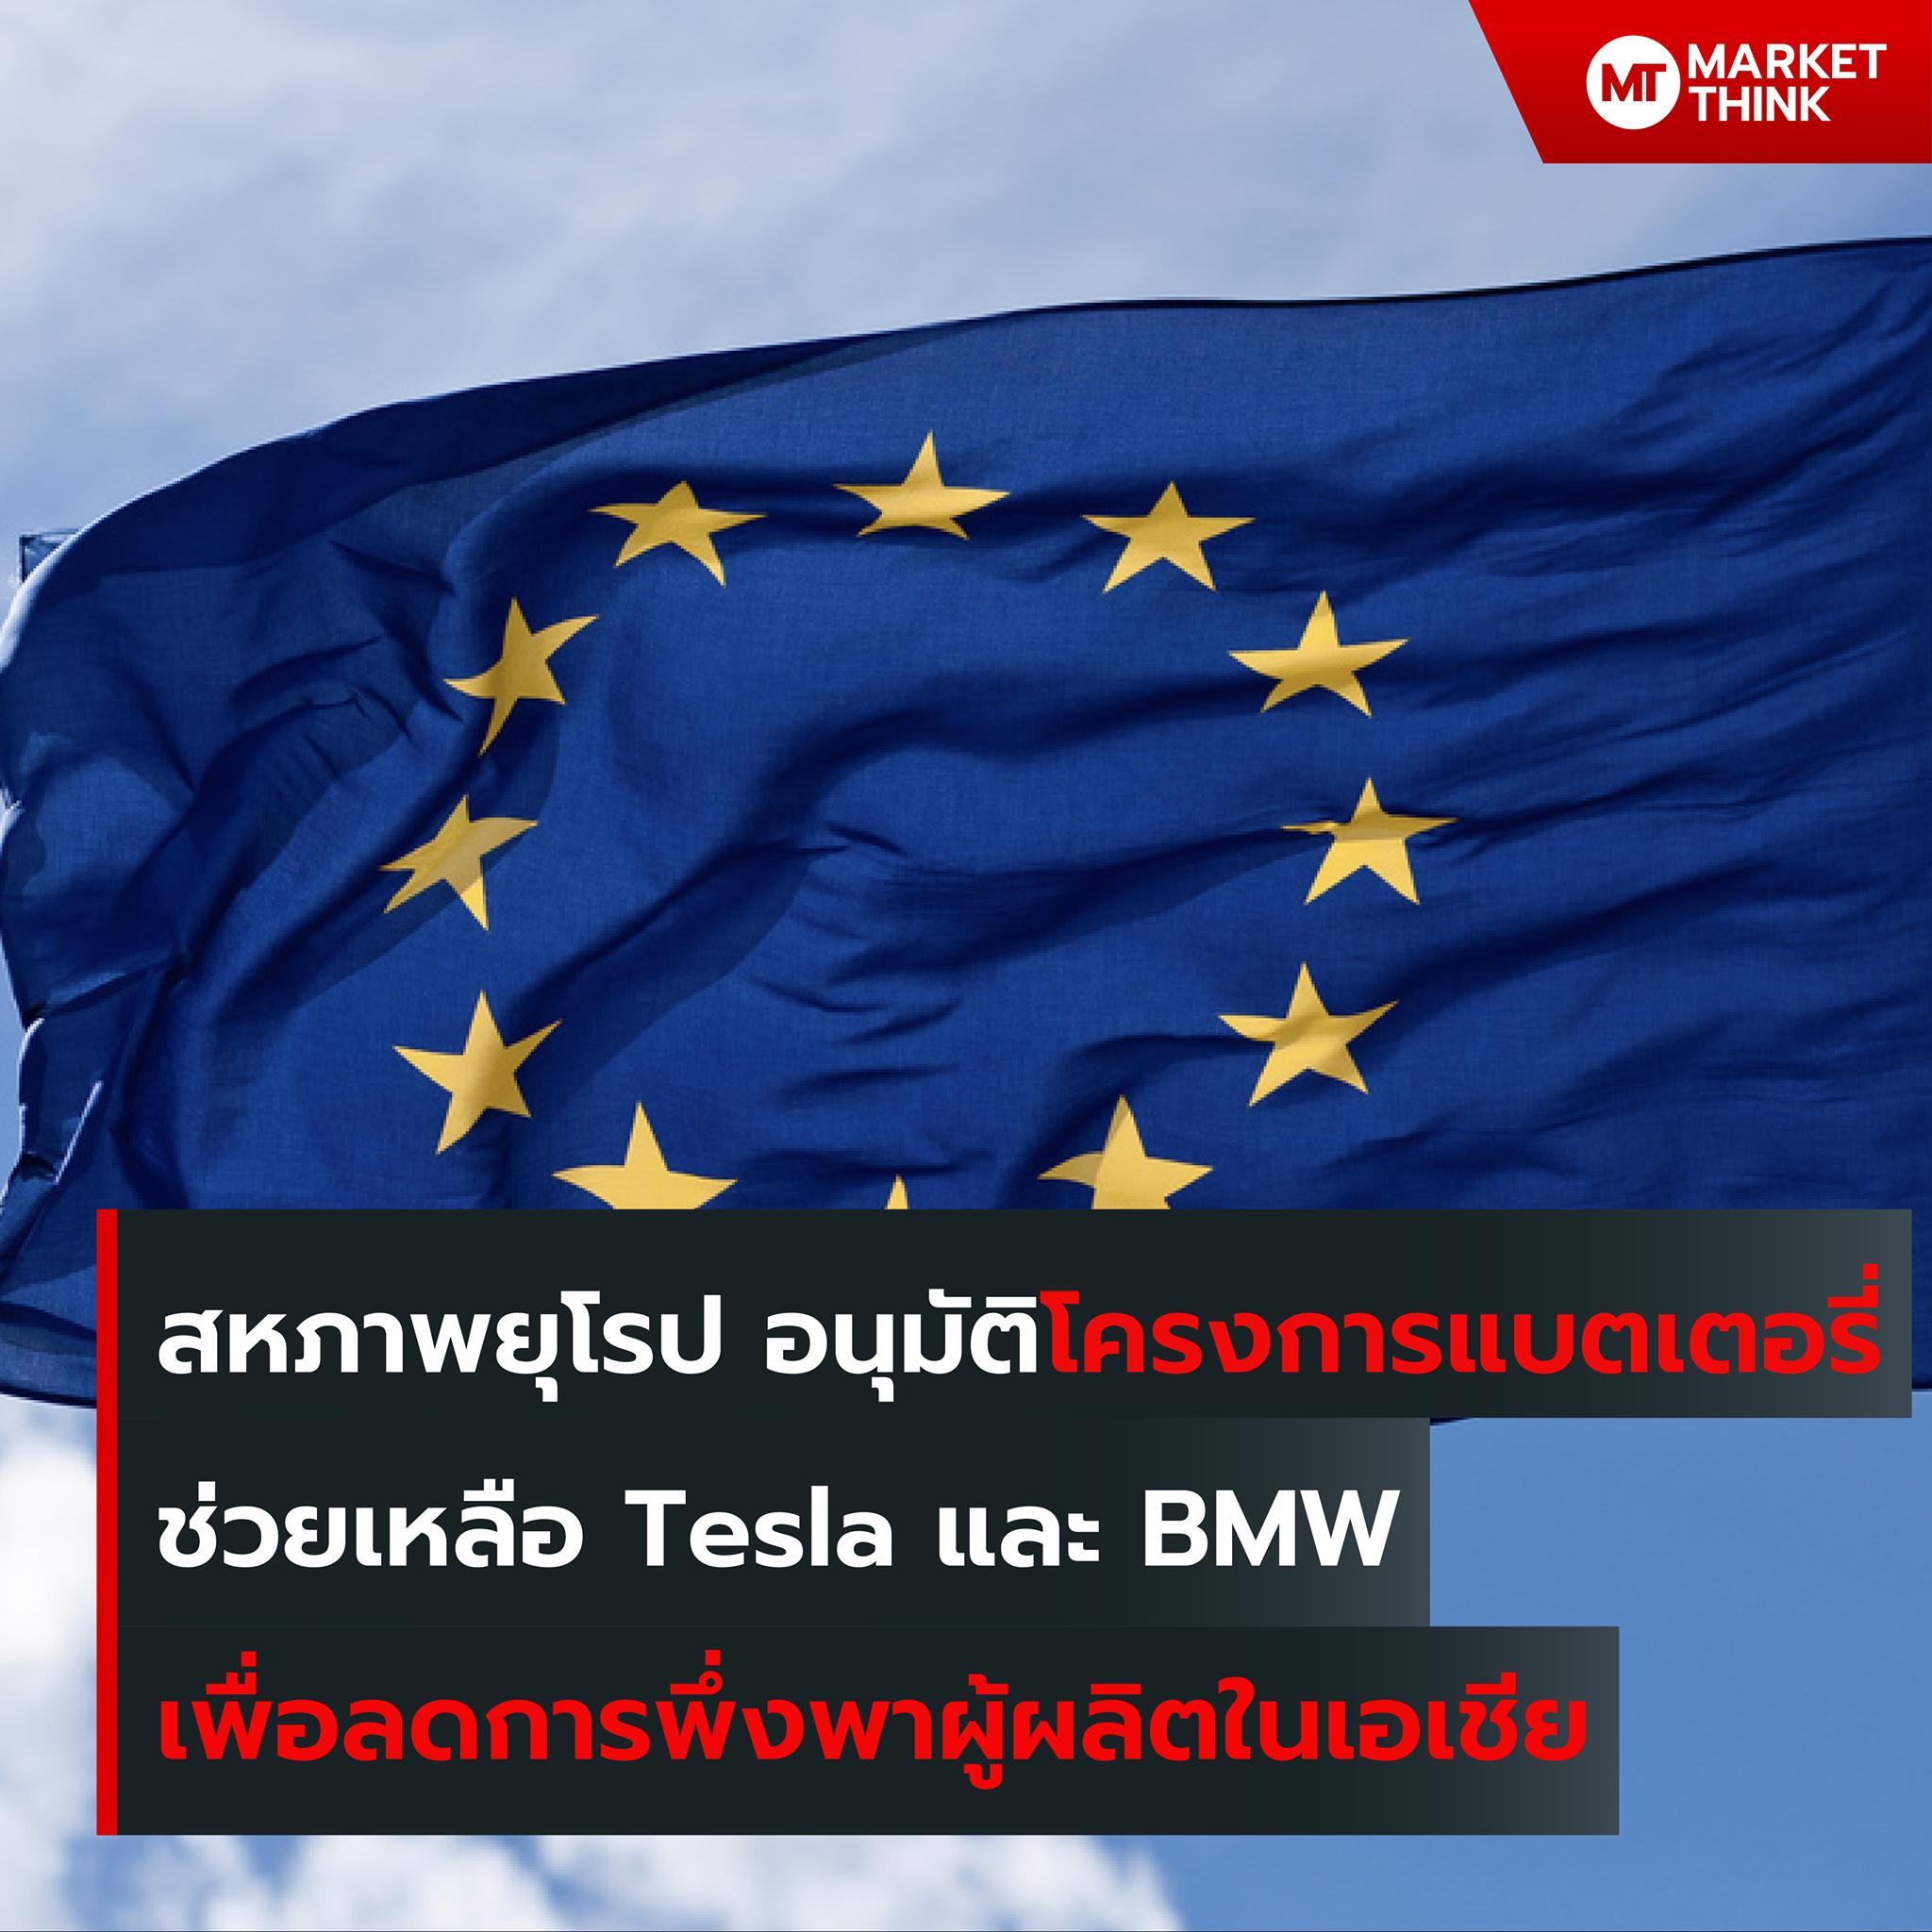 สหภาพยุโรป อนุมัติโครงการแบตเตอรี่ ช่วยเหลือ Tesla และ BMW เพื่อลดการพึ่งพาผู้ผลิตในเอเชีย คณะกรรมาธิการยุโรป ได้อนุมัติโครงการ European Battery Innovation ที่มีเป้าหมายเพื่อยกระดับอุตสาหกรรมรถยนต์ไฟฟ้าในยุโรป ลดการปล่อยก๊าซเรือนกระจก จากภาคการขนส่ง